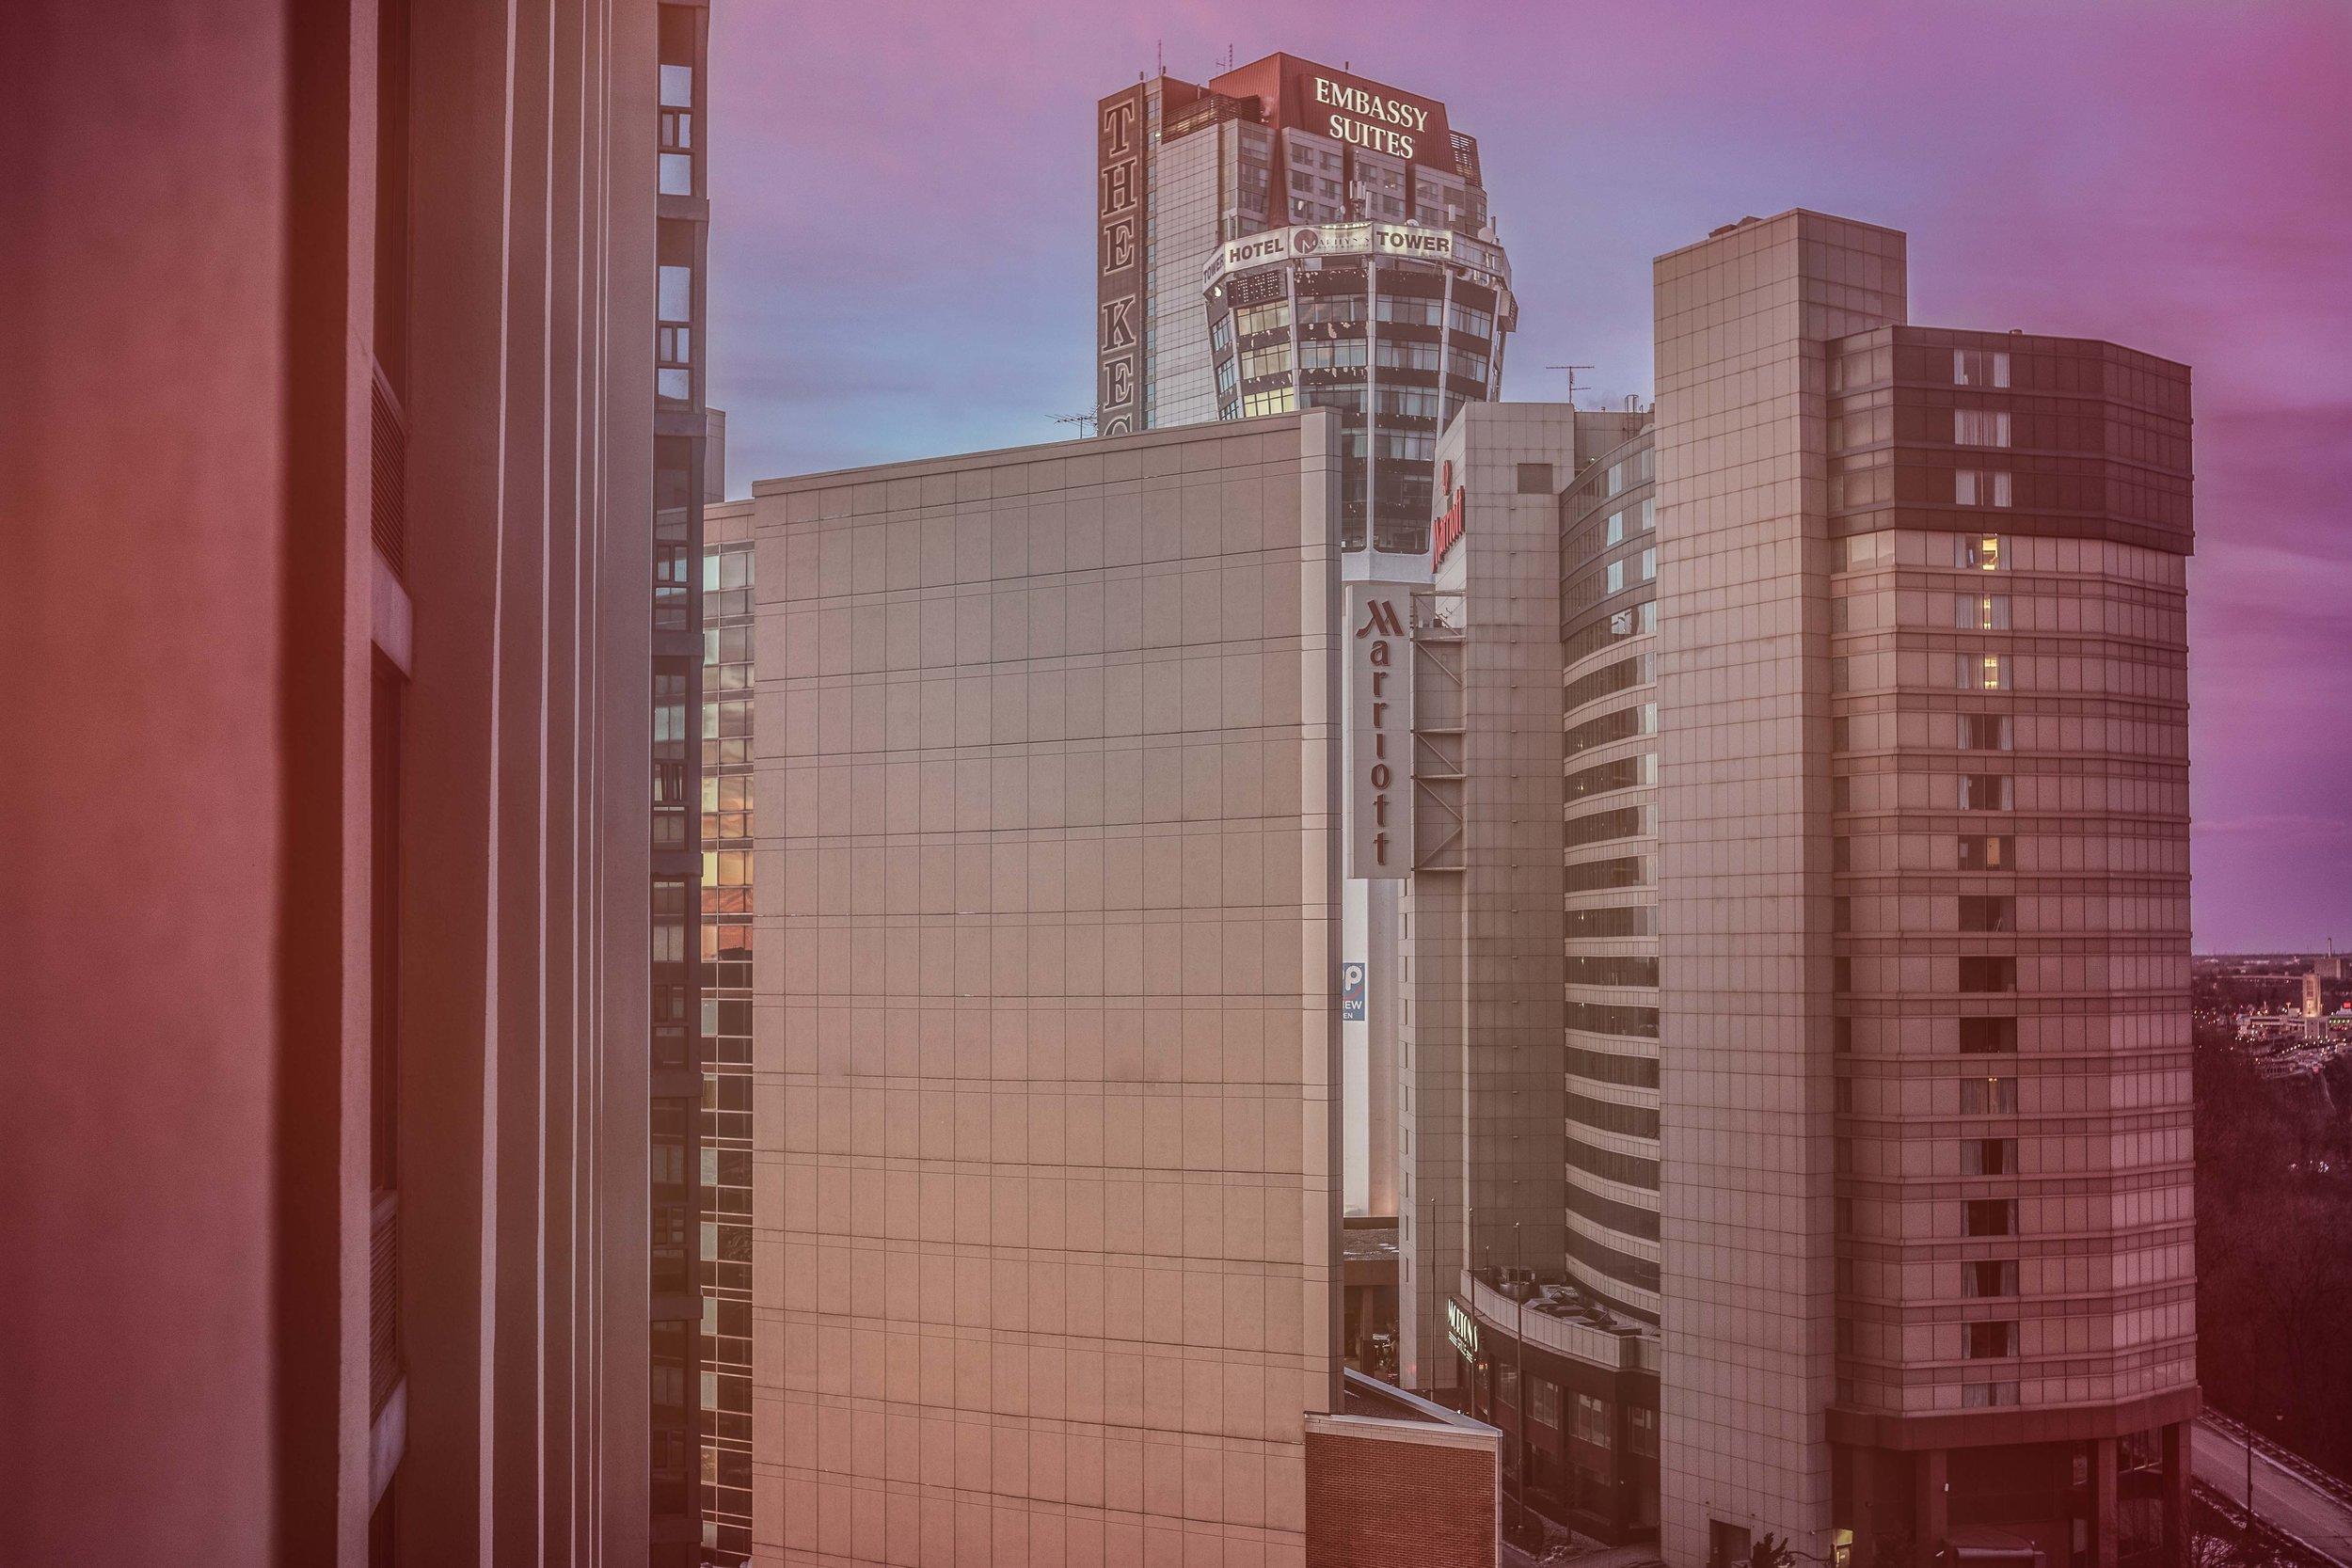 Hotels at Niagara Falls